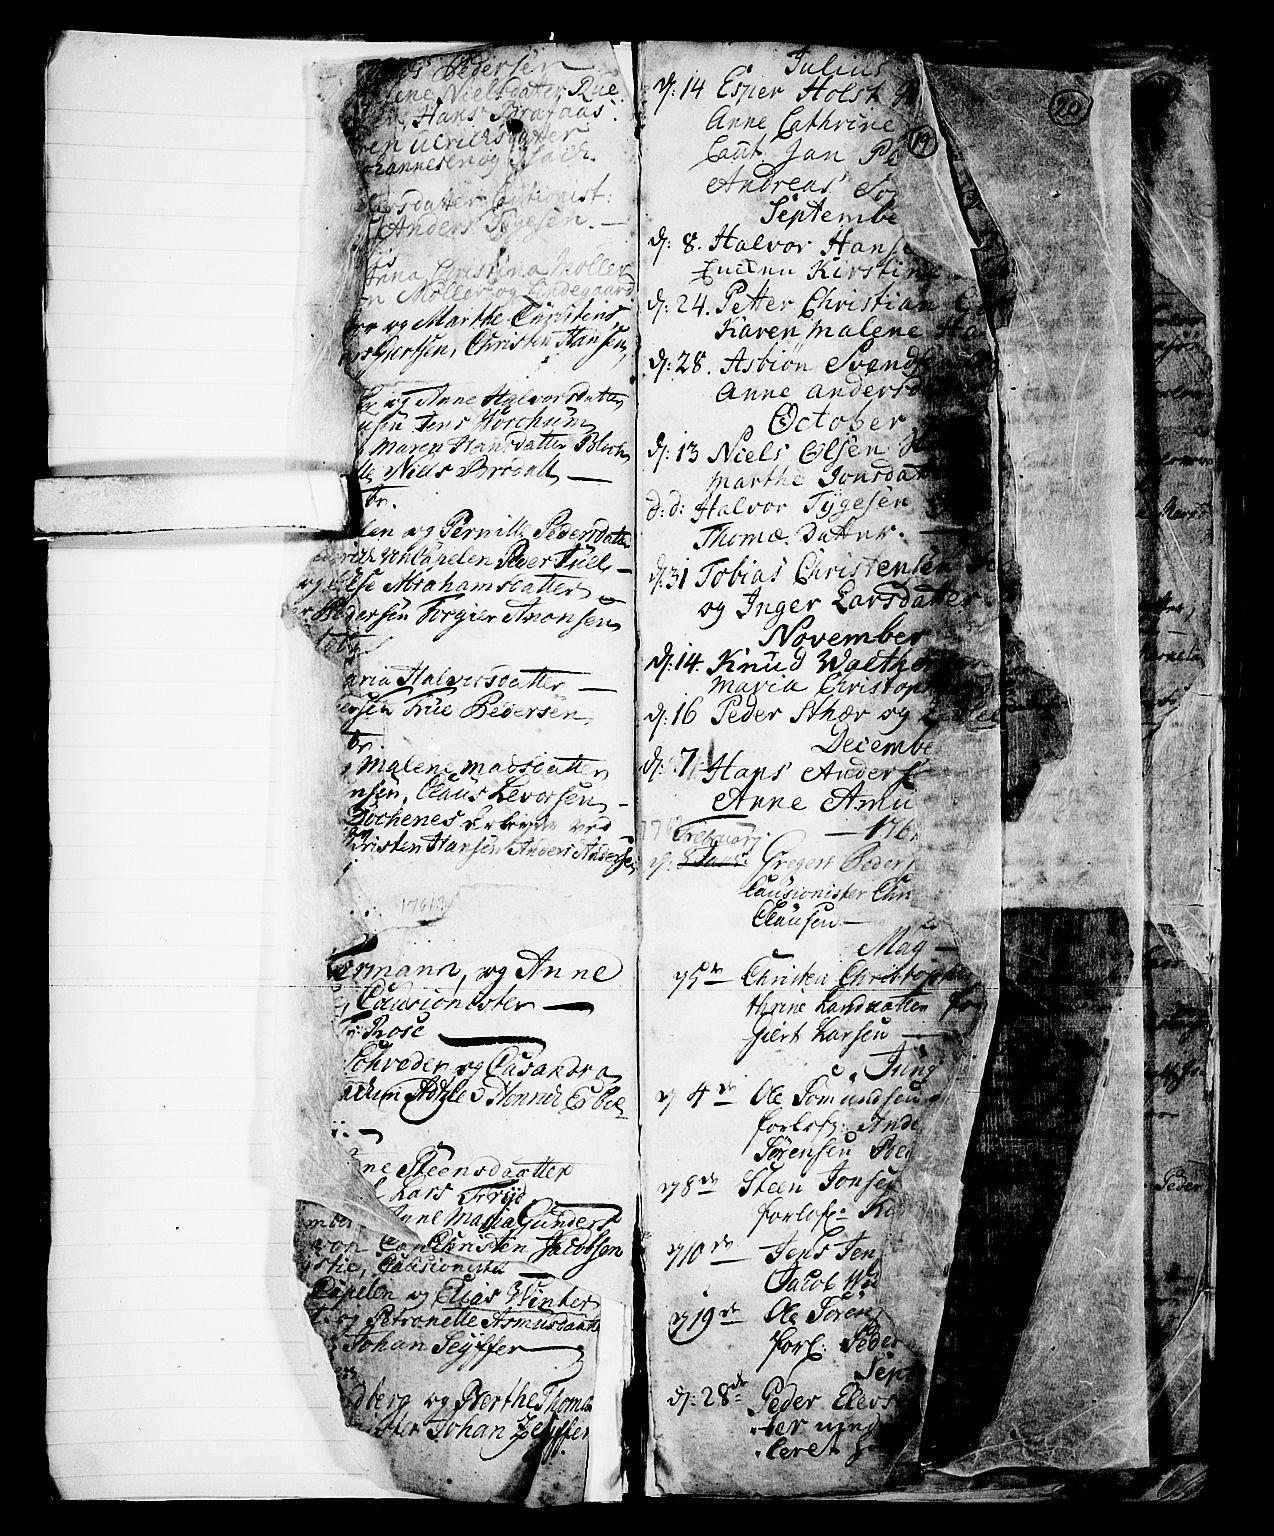 SAKO, Skien kirkebøker, G/Ga/L0001: Klokkerbok nr. 1, 1756-1791, s. 19